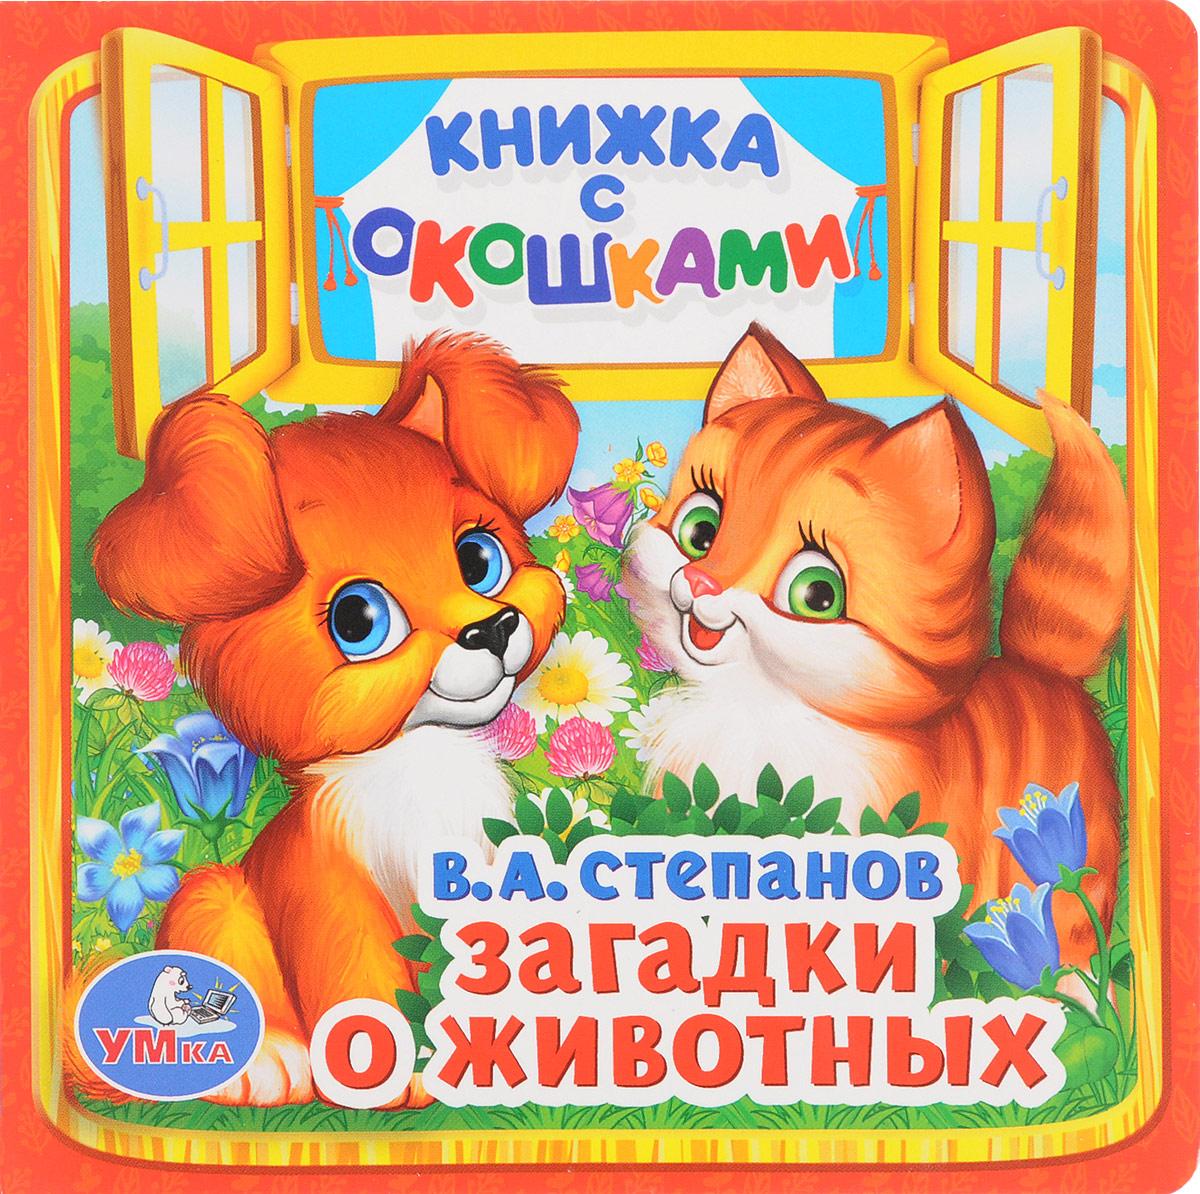 В. А. Степанов Загадки о животных